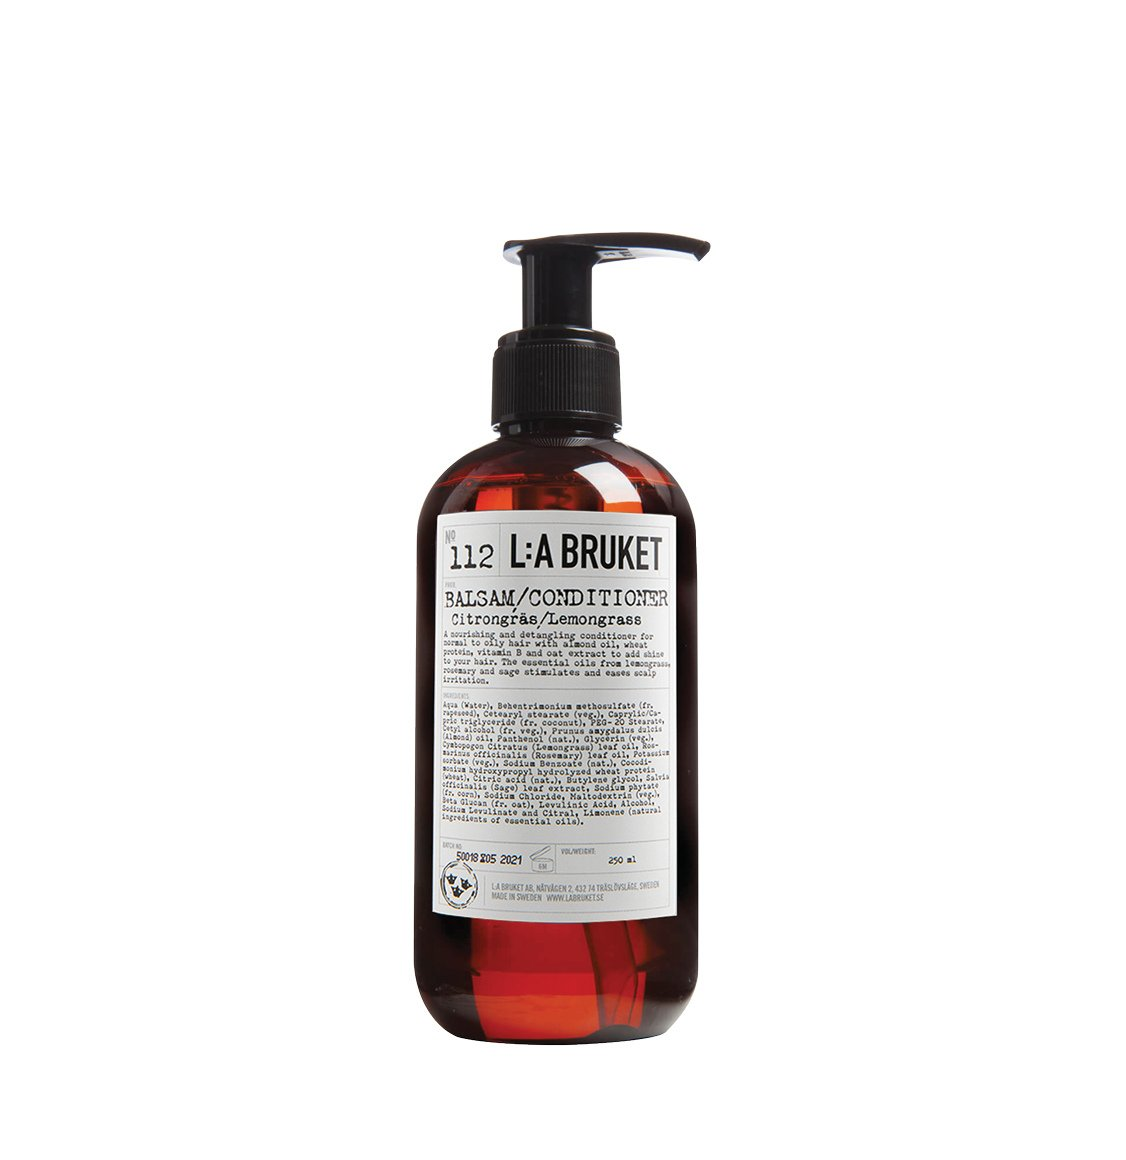 LA Bruket 112 Hair Conditioner Lemongrass 240ml